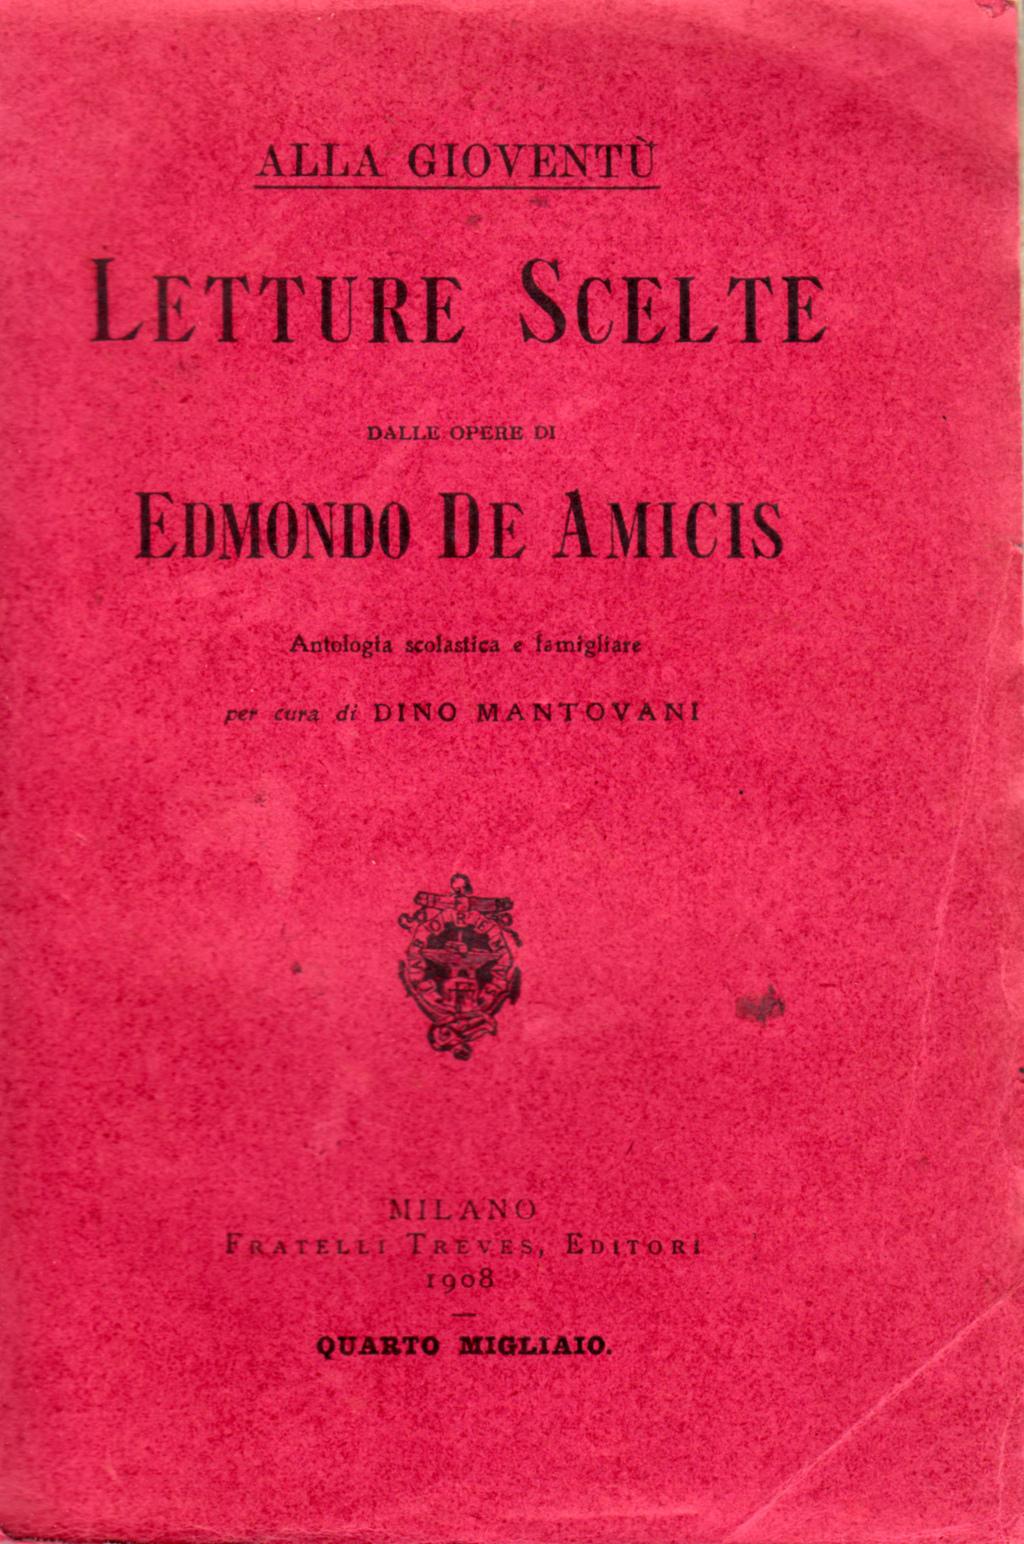 Letture scelte dalle opere di Edmondo De Amicis